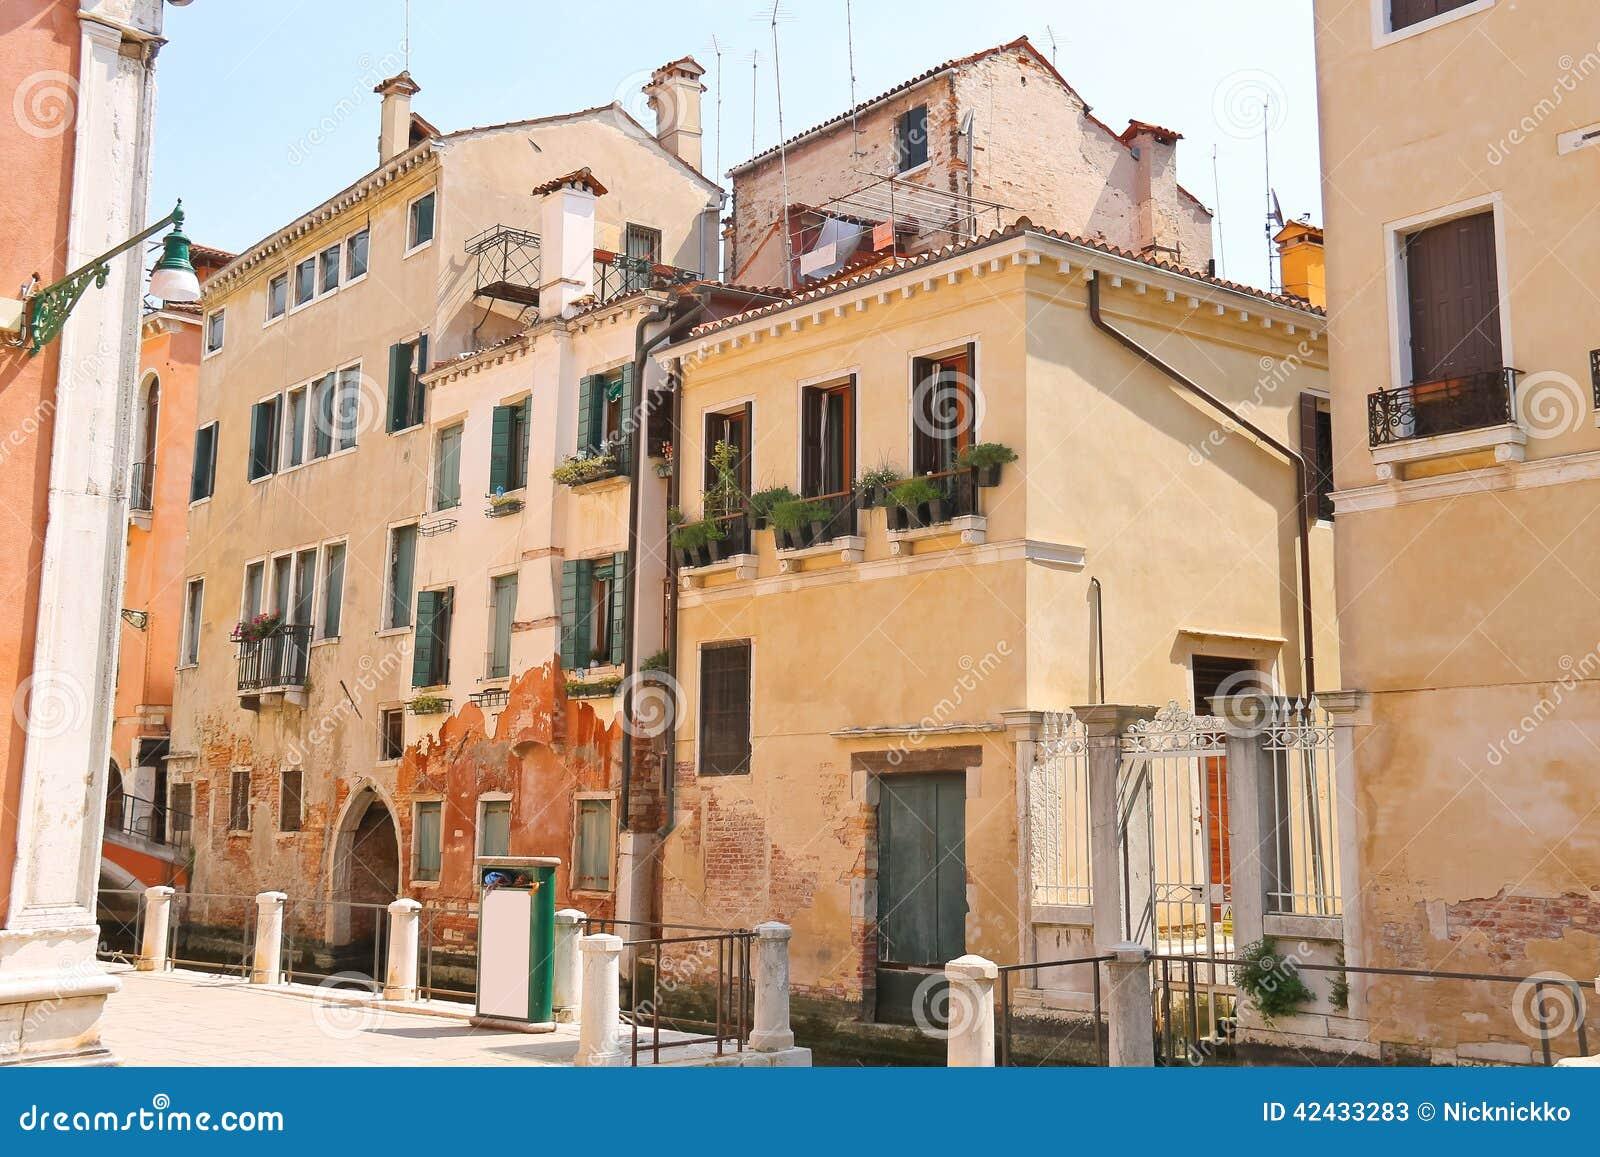 Casa en una calle estrecha en la ciudad italiana de Venecia